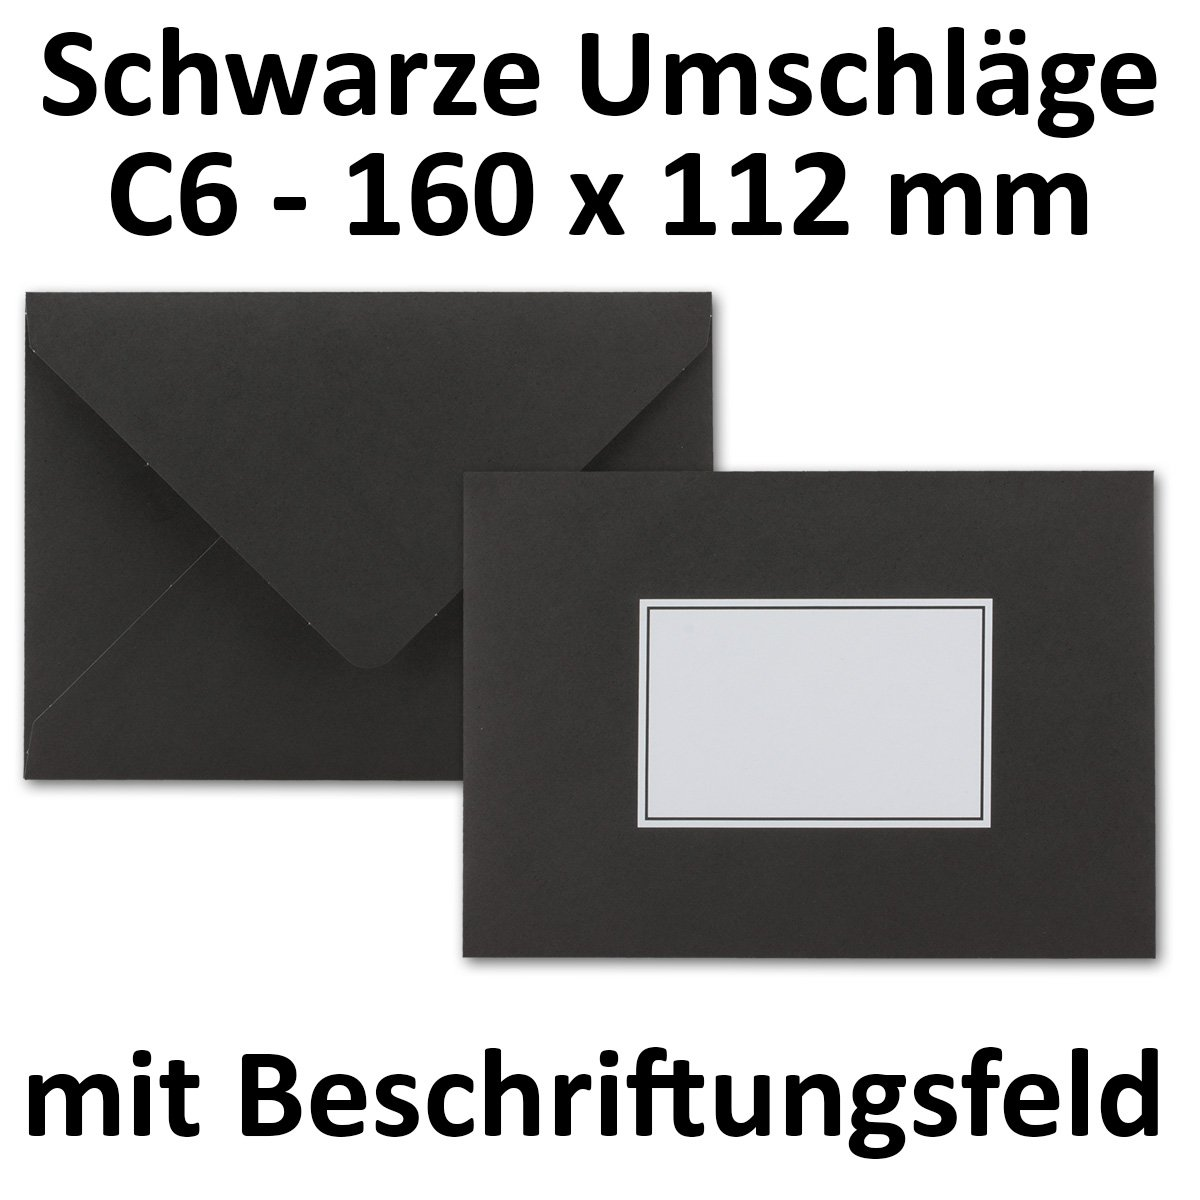 50X NERO speciali Buste formato C6| con iscrizione | 160X 112mm | nassklebung | 80G/M² | Il Dolore Buste di buste di carta Buste di buste NEUSER